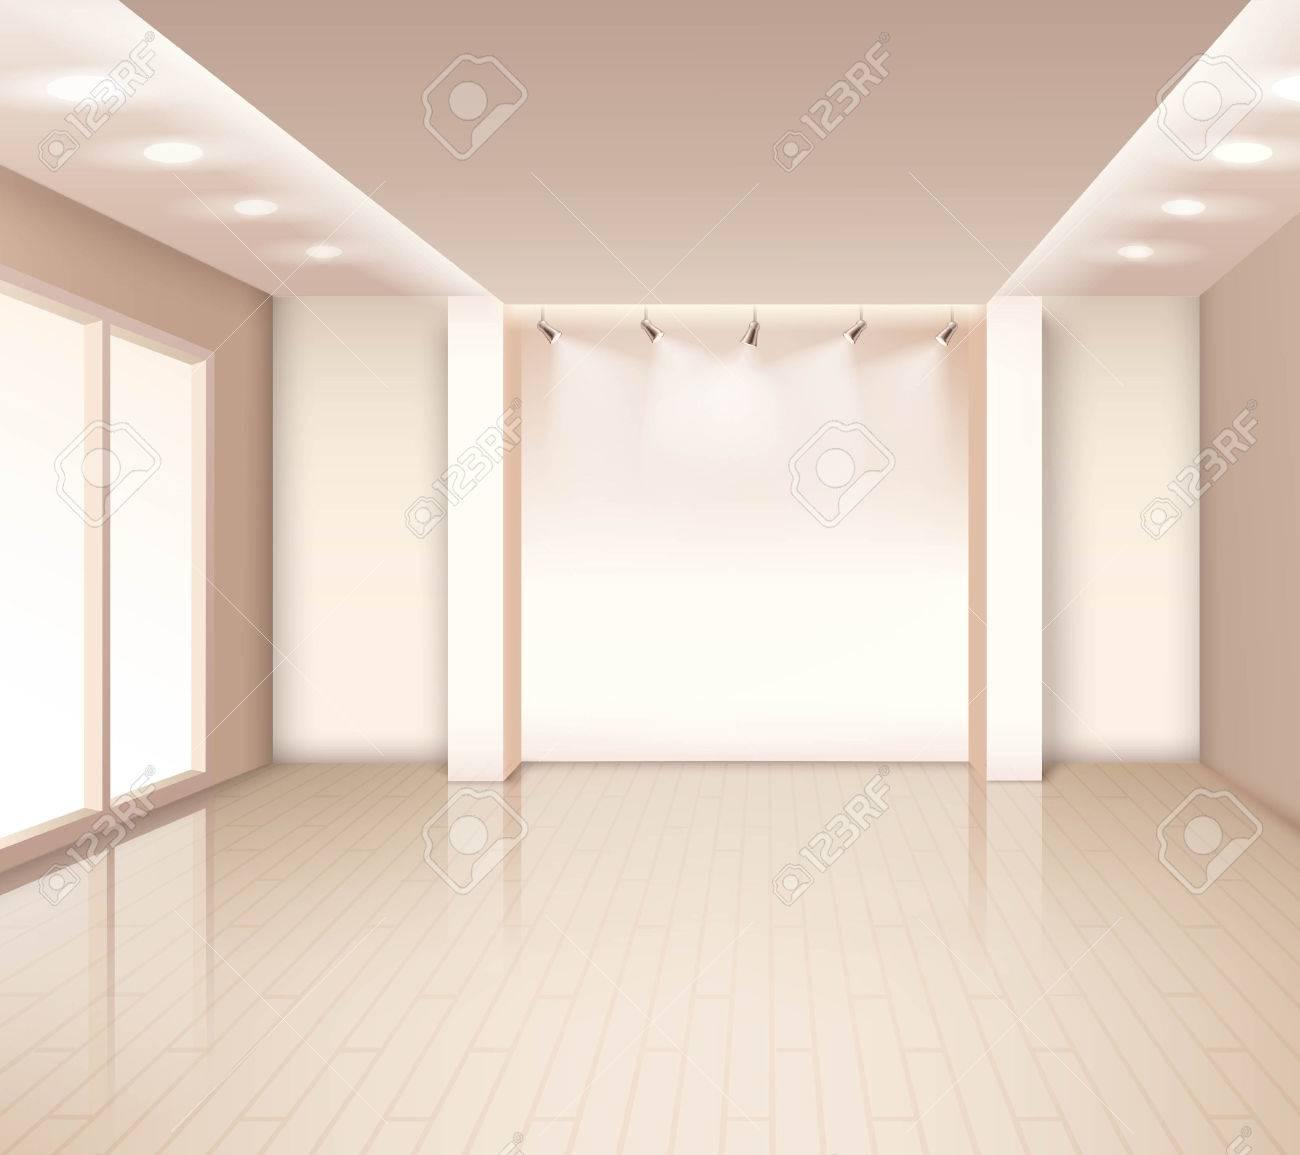 interieur chambre moderne vide avec fenetres eclairage au plafond couleur rose pale illustration vectorielle